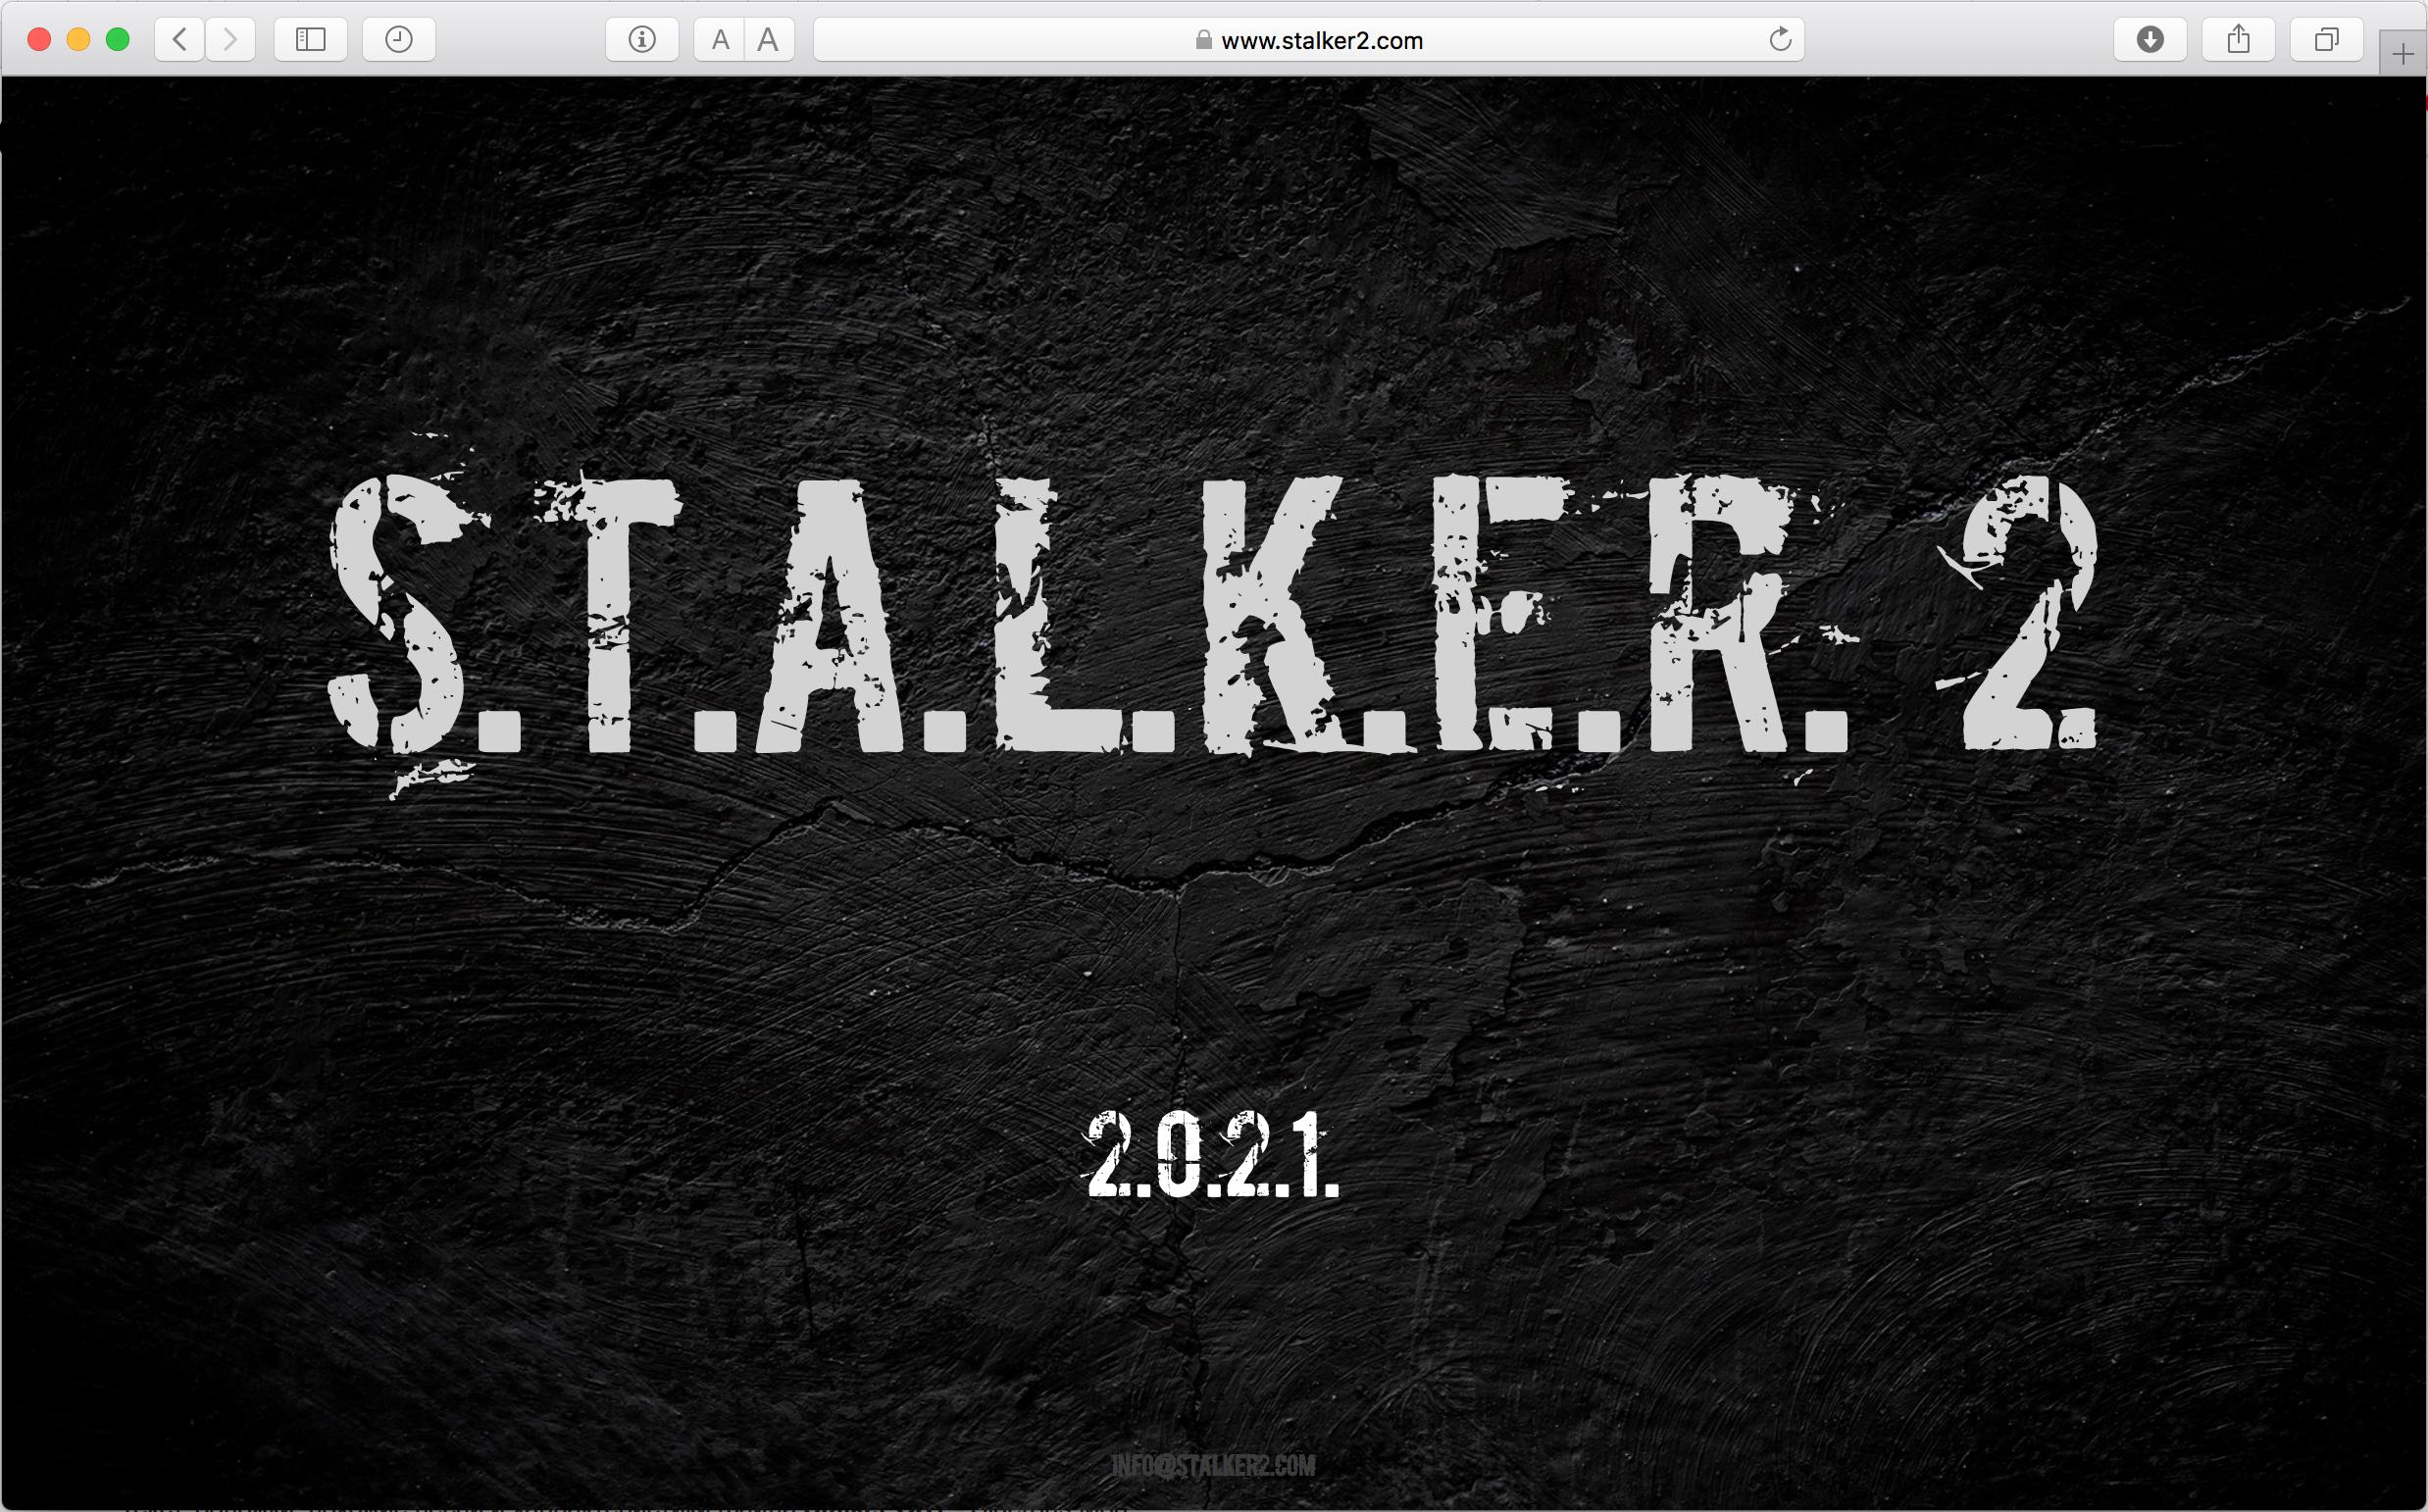 Разработка культовой игры S.T.A.L.K.E.R. 2 возобновлена - 2